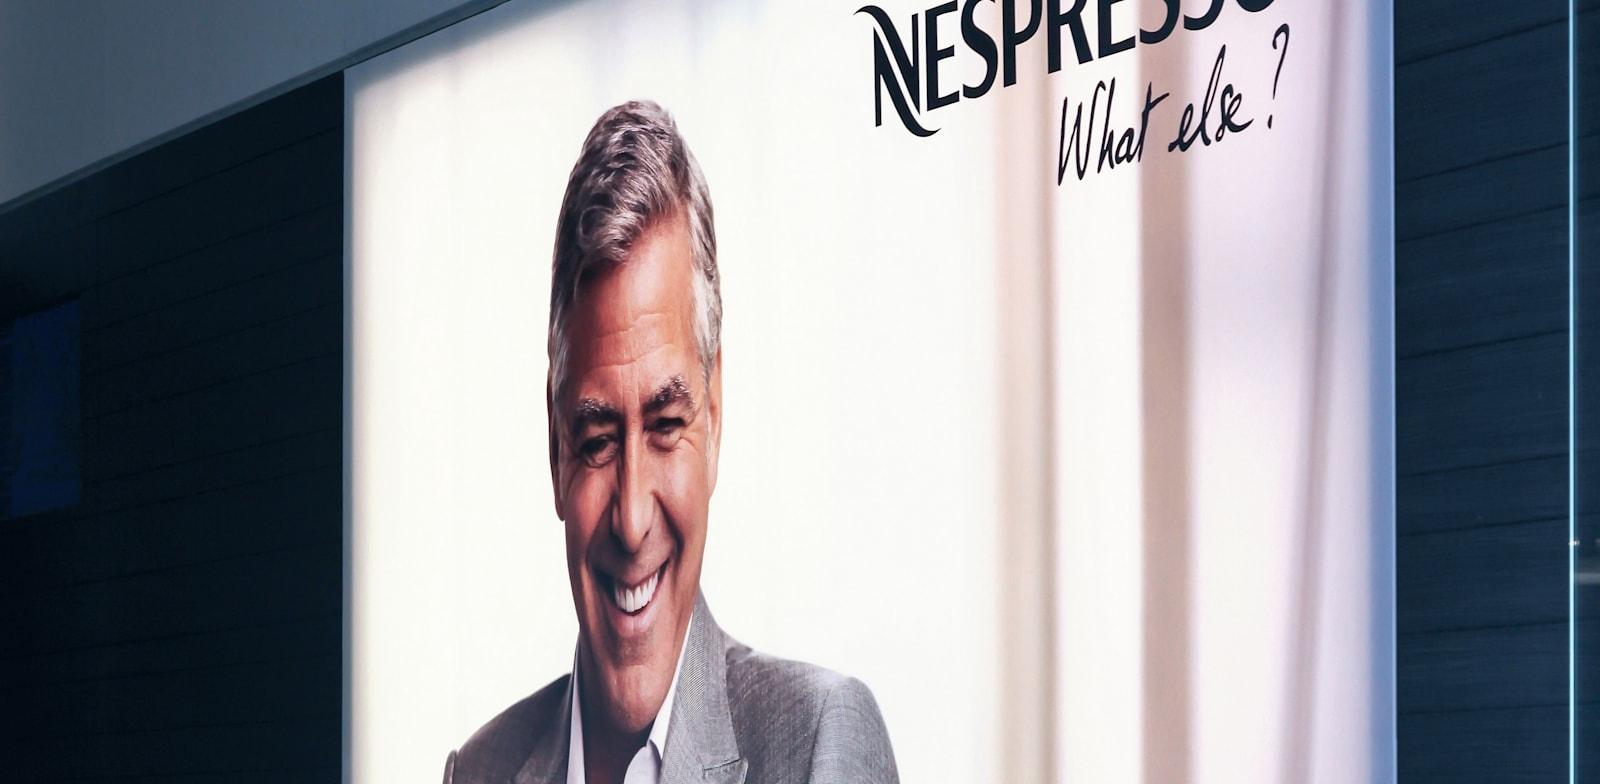 ג'ורג' קלוני, הפרזנטור של נספרסו / צילום: Shutterstock